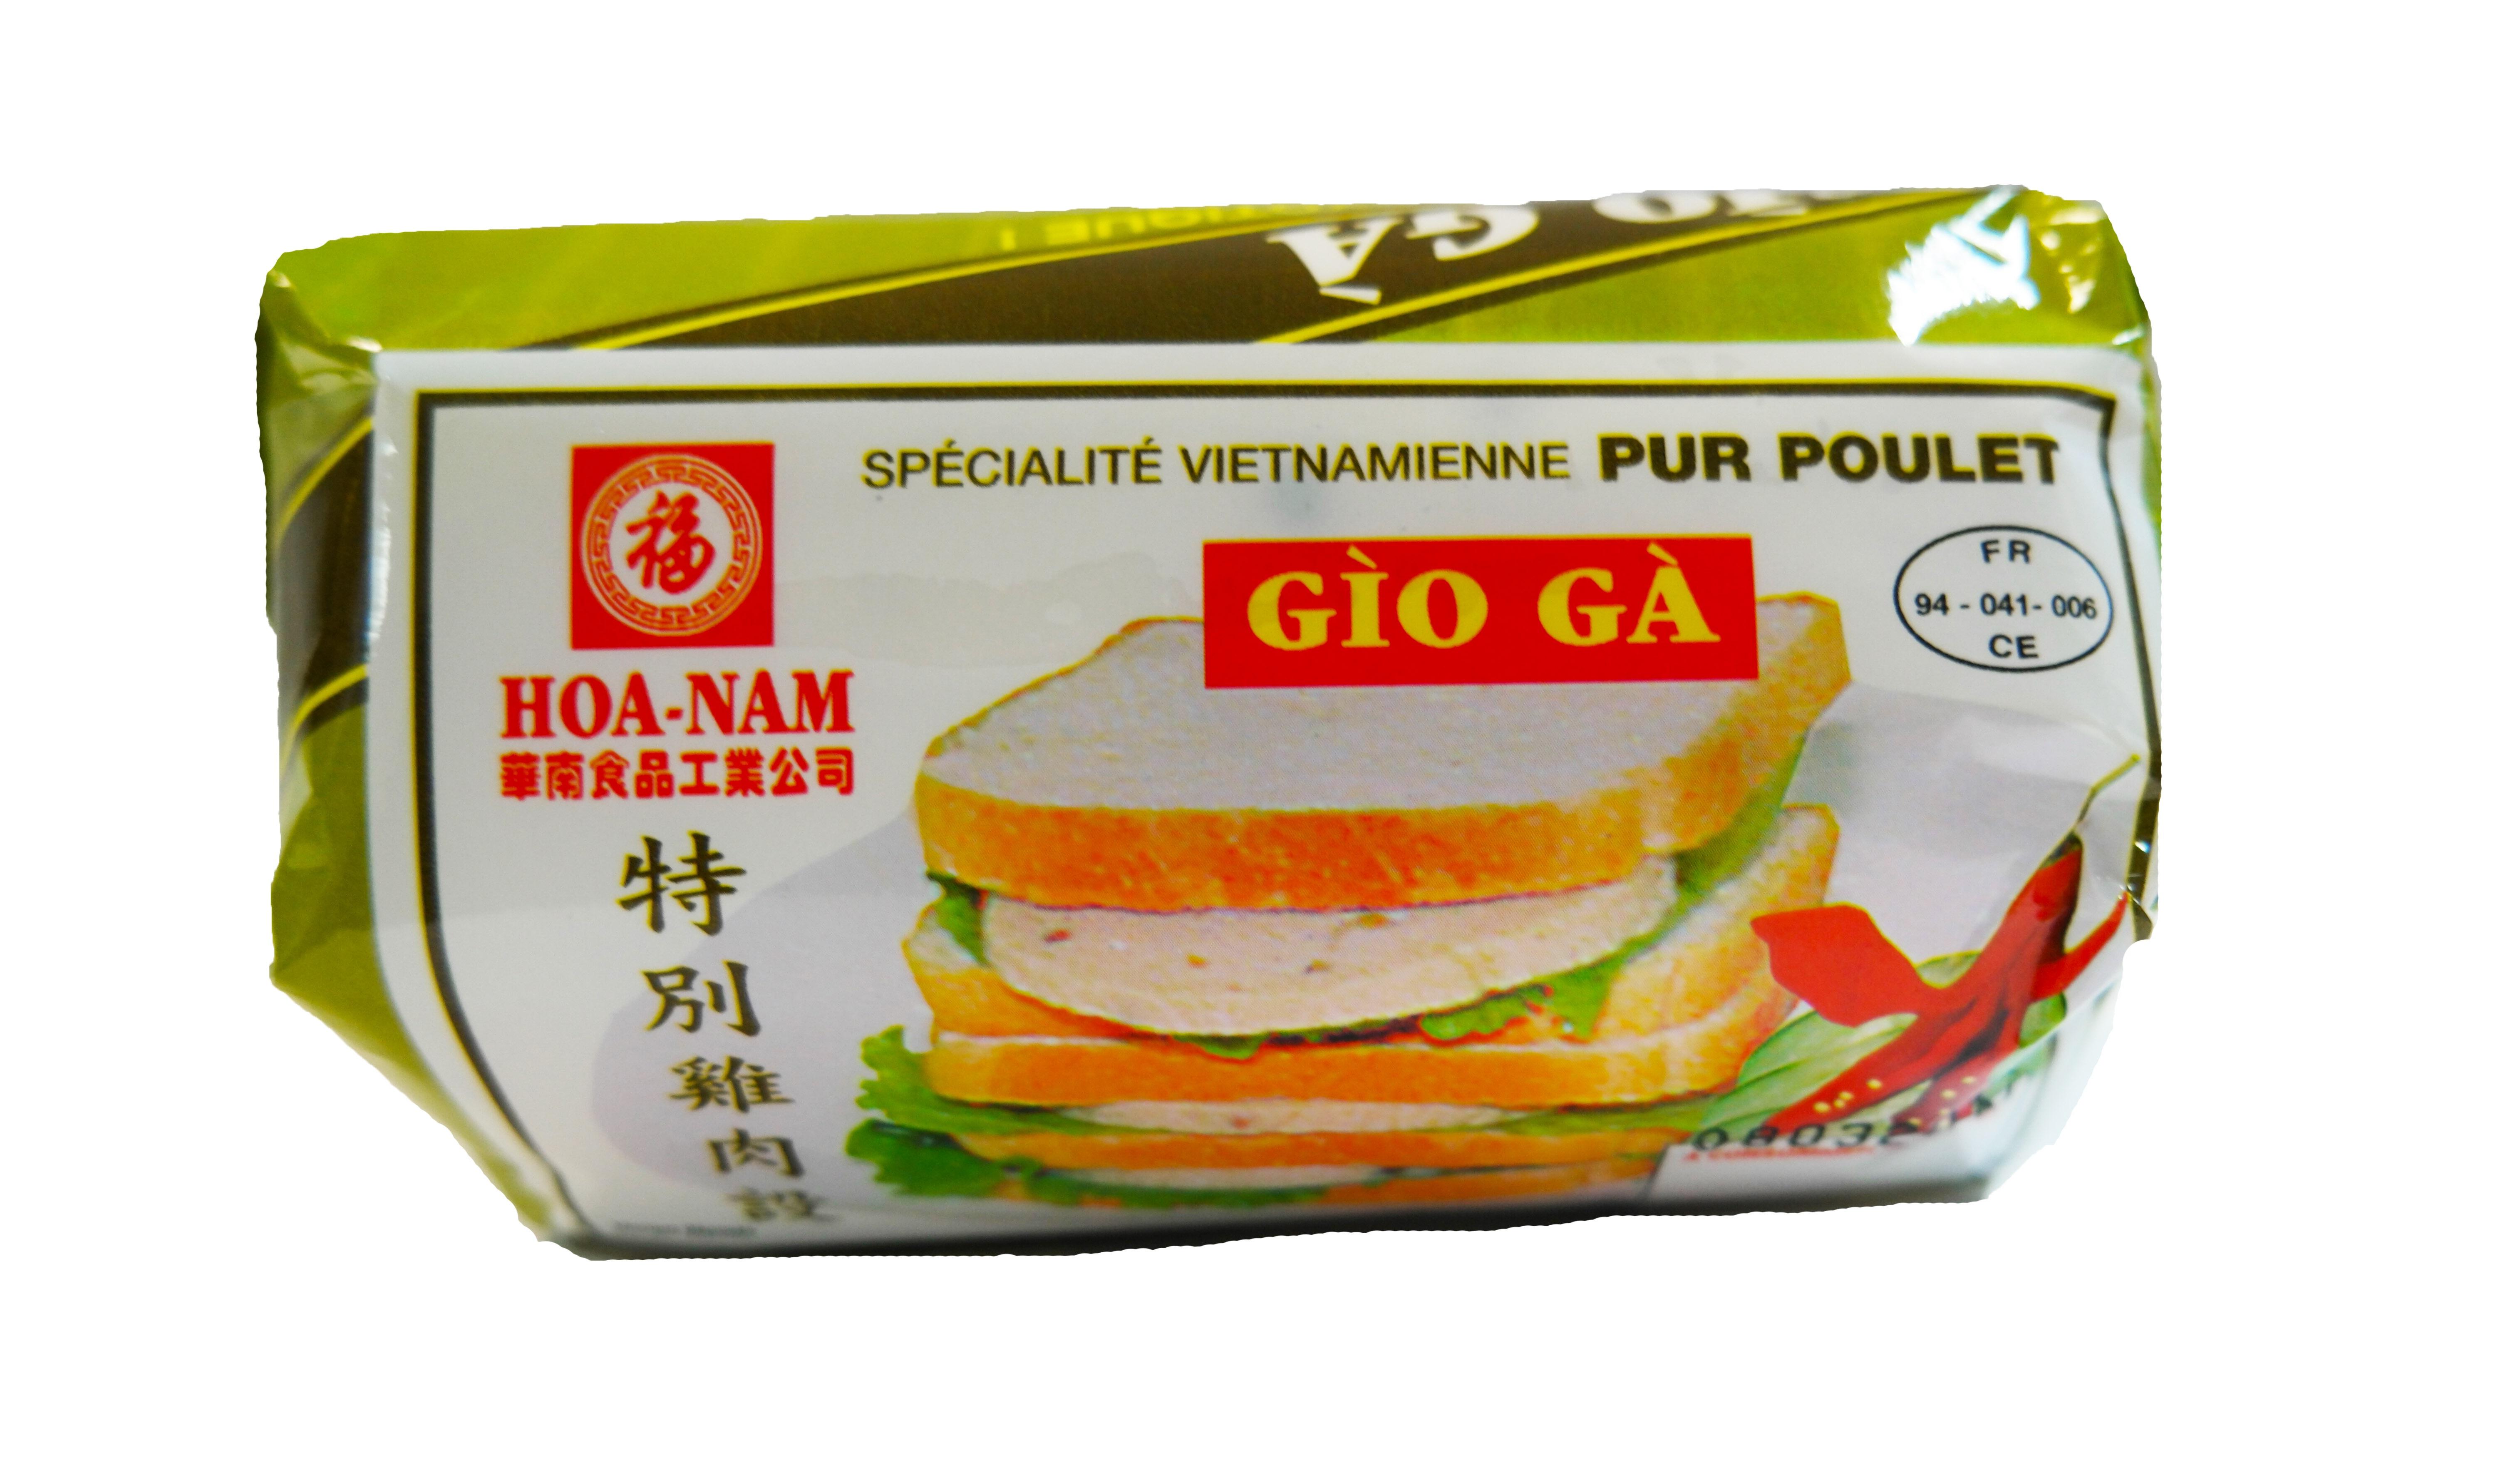 Pâté vietnamien au poulet Gio Ga, Hoanam (500 g)